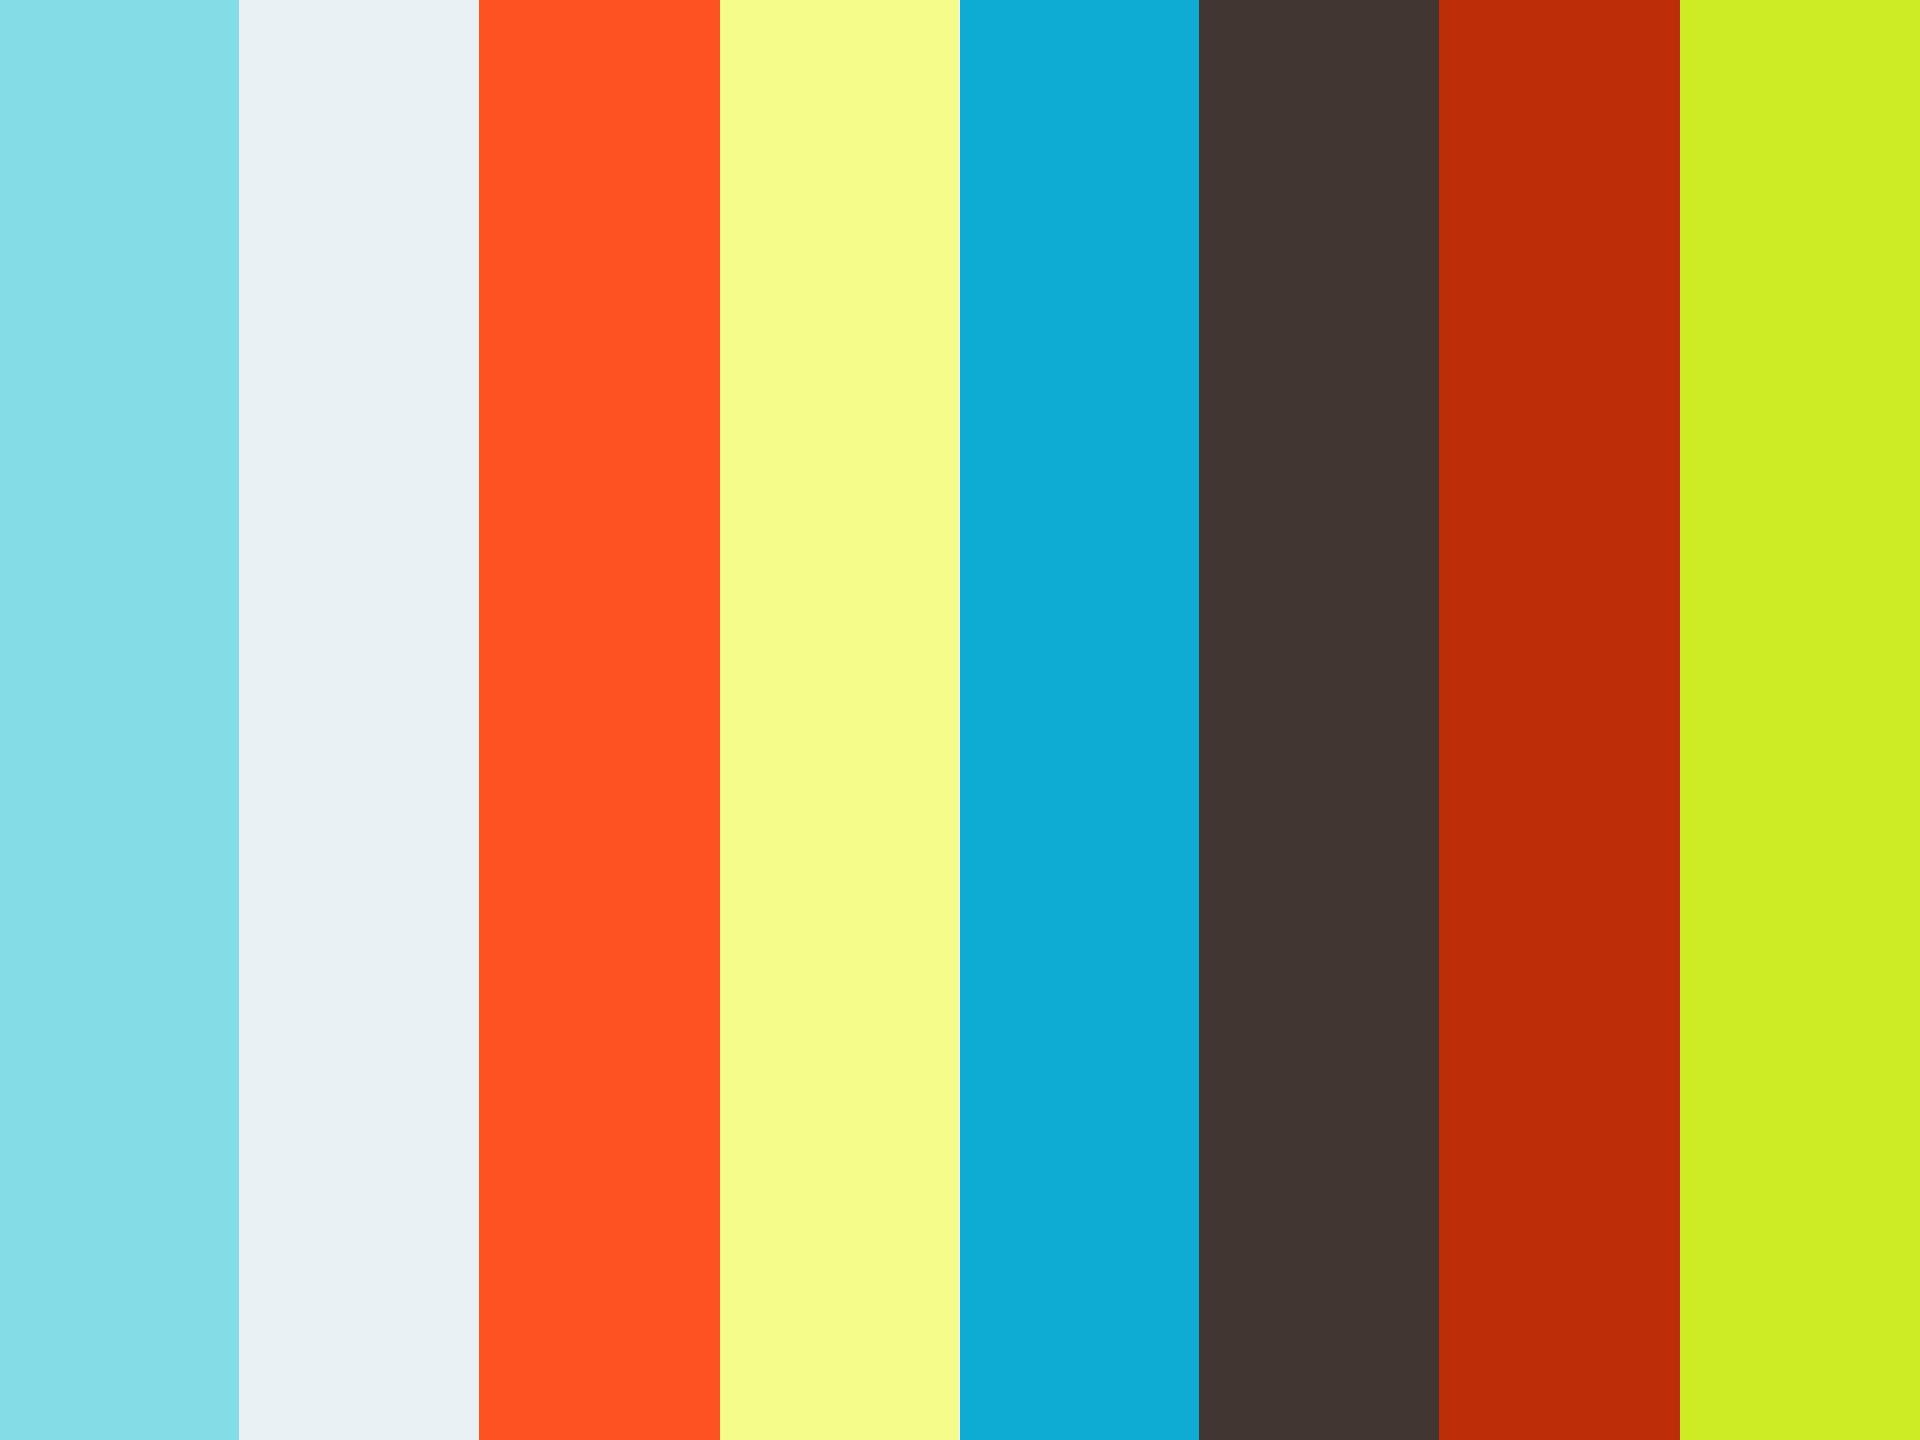 【シリーズ】八木洋二郎先生: ダイレクトボンデットレストレーション